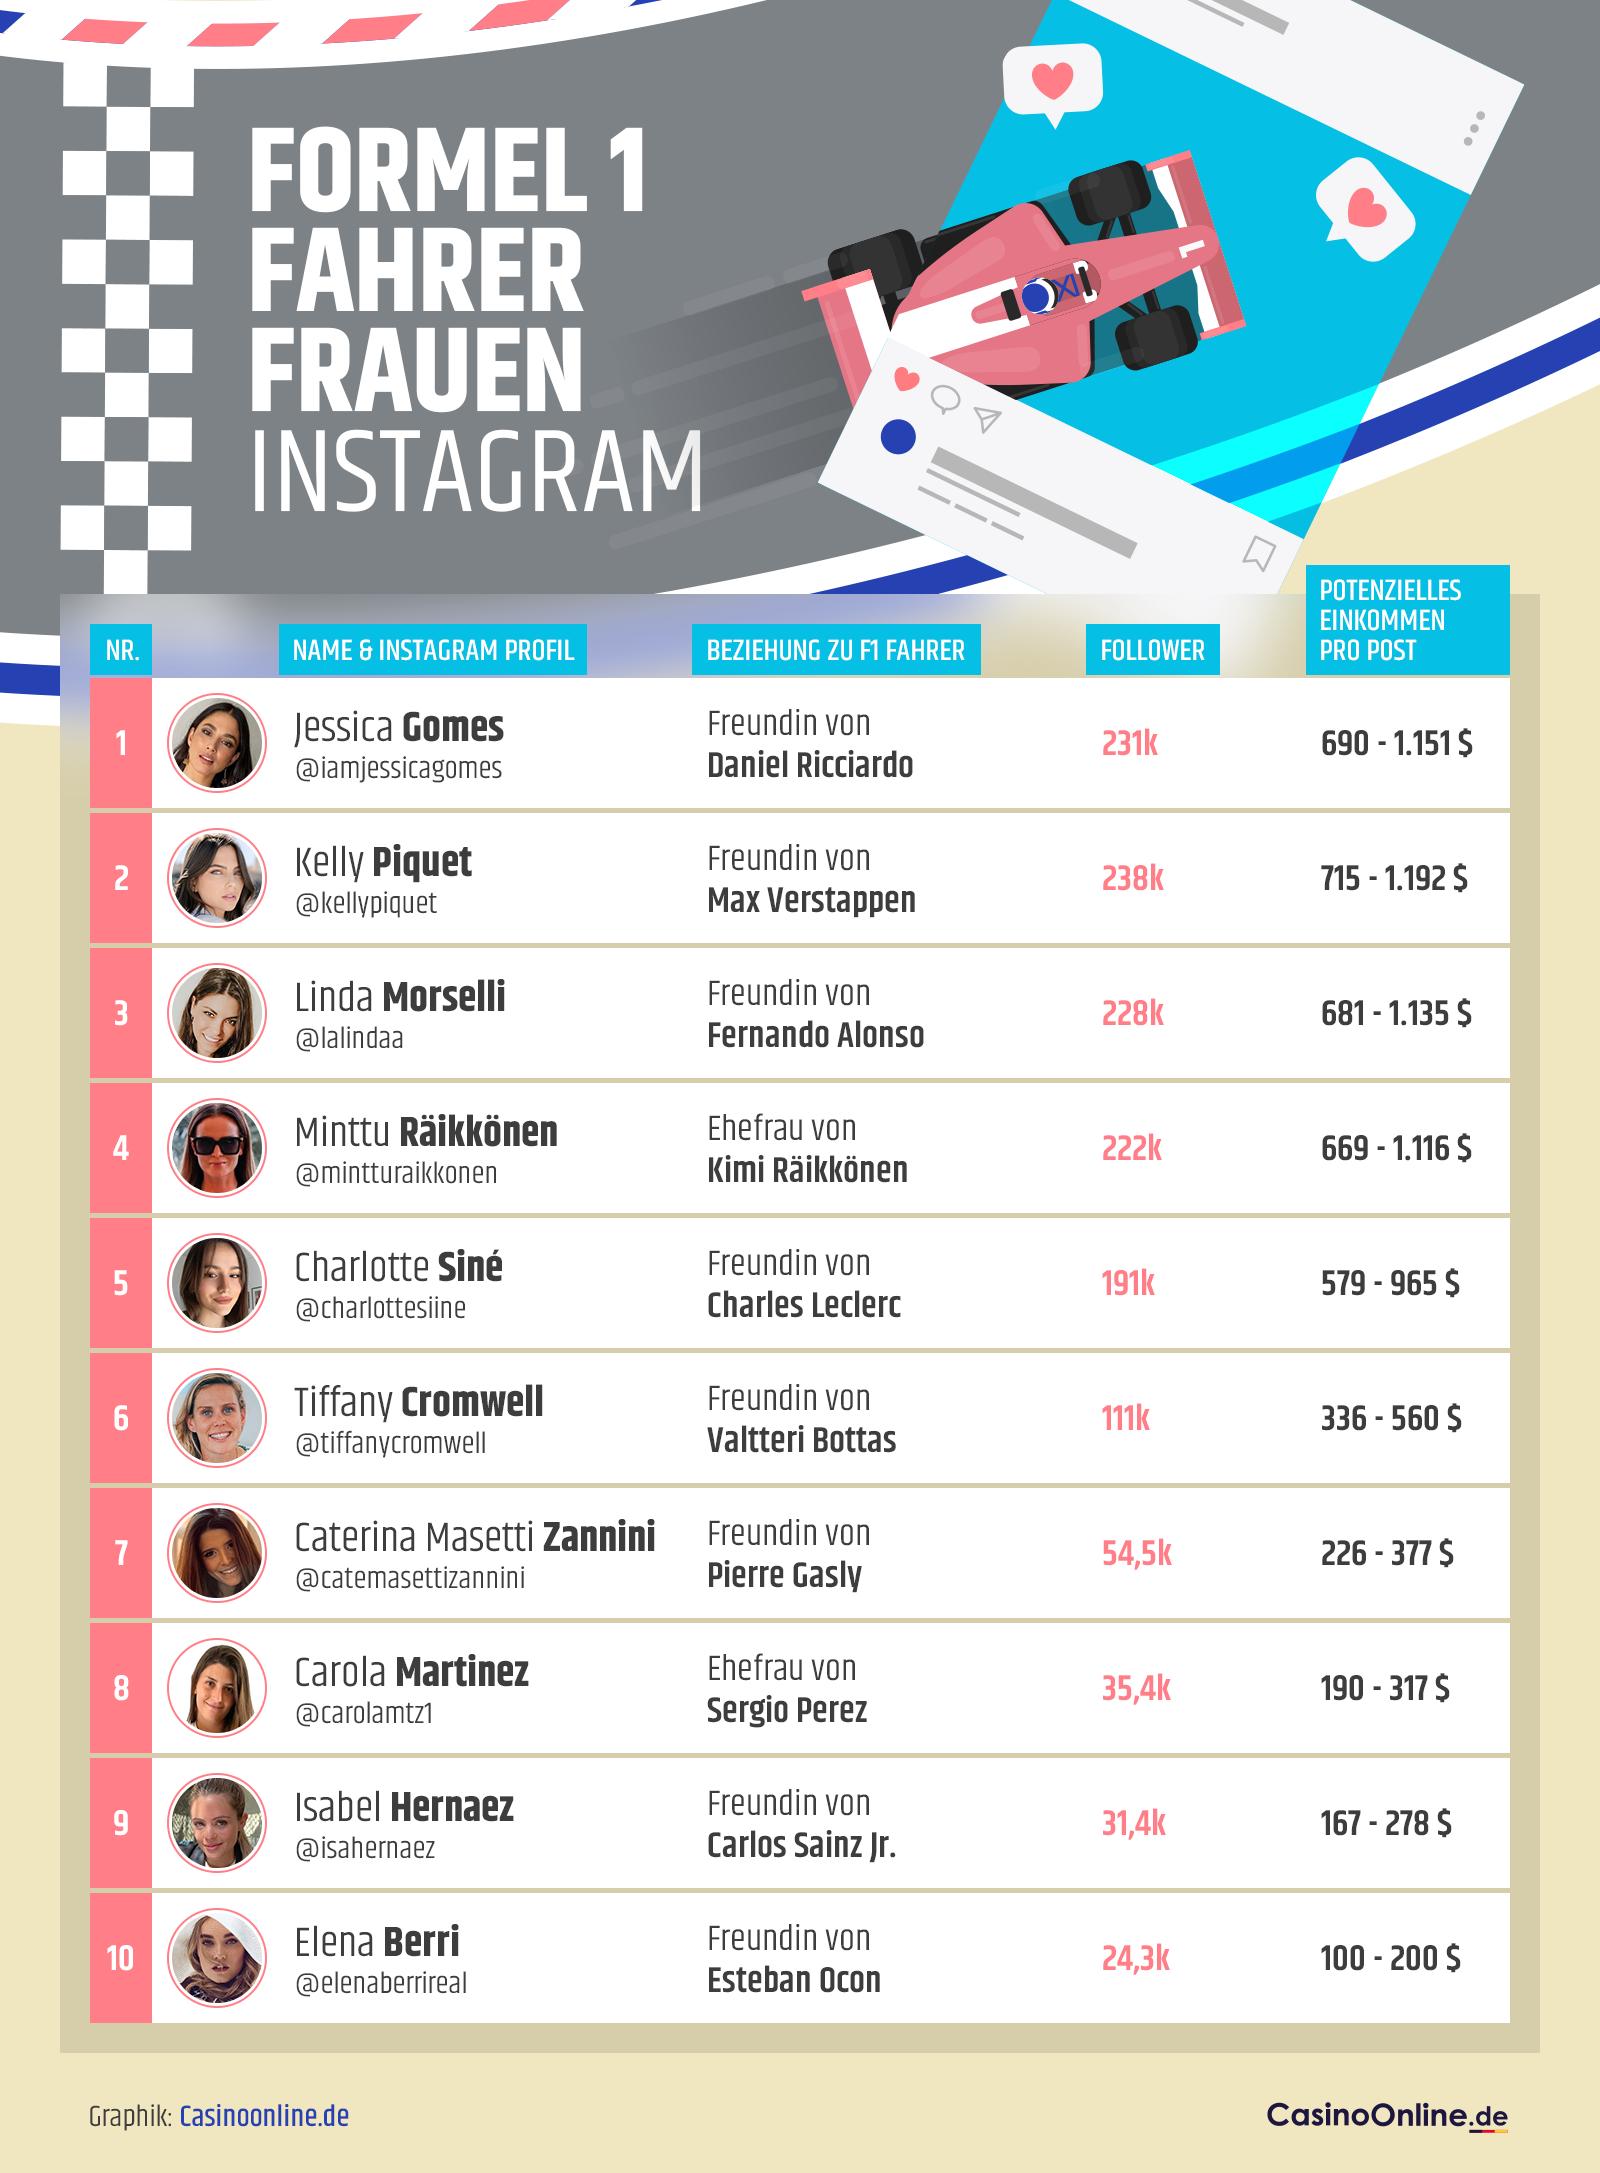 Top 10 Formel 1 Frauen auf Instagram